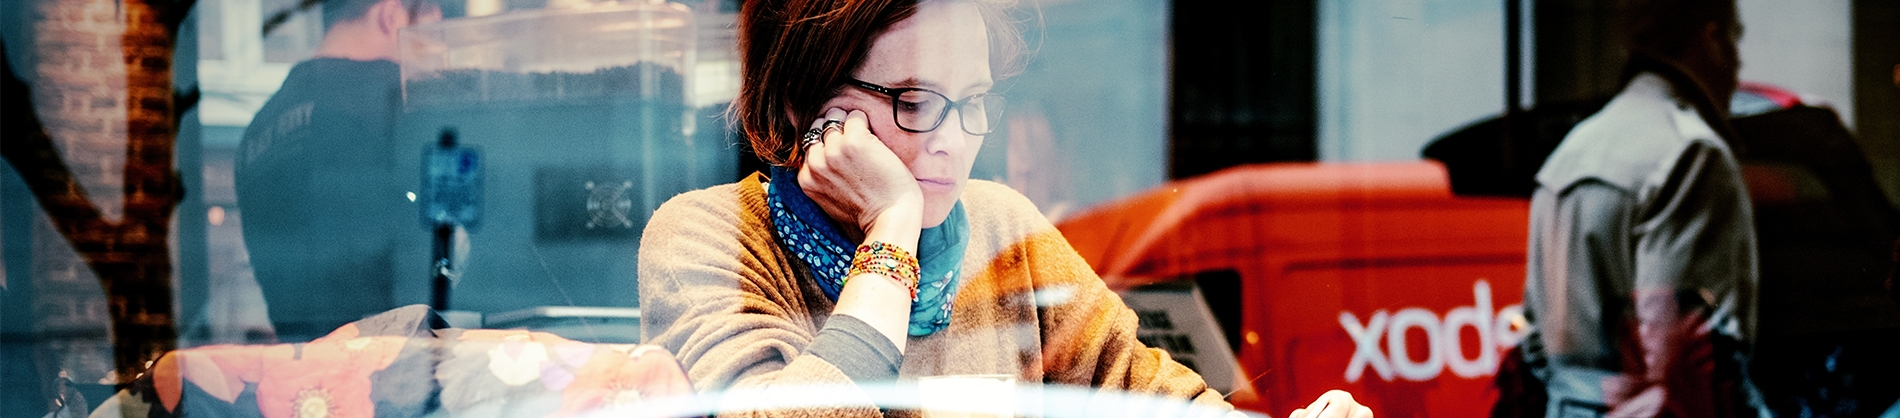 A women sat in a cafe window reading